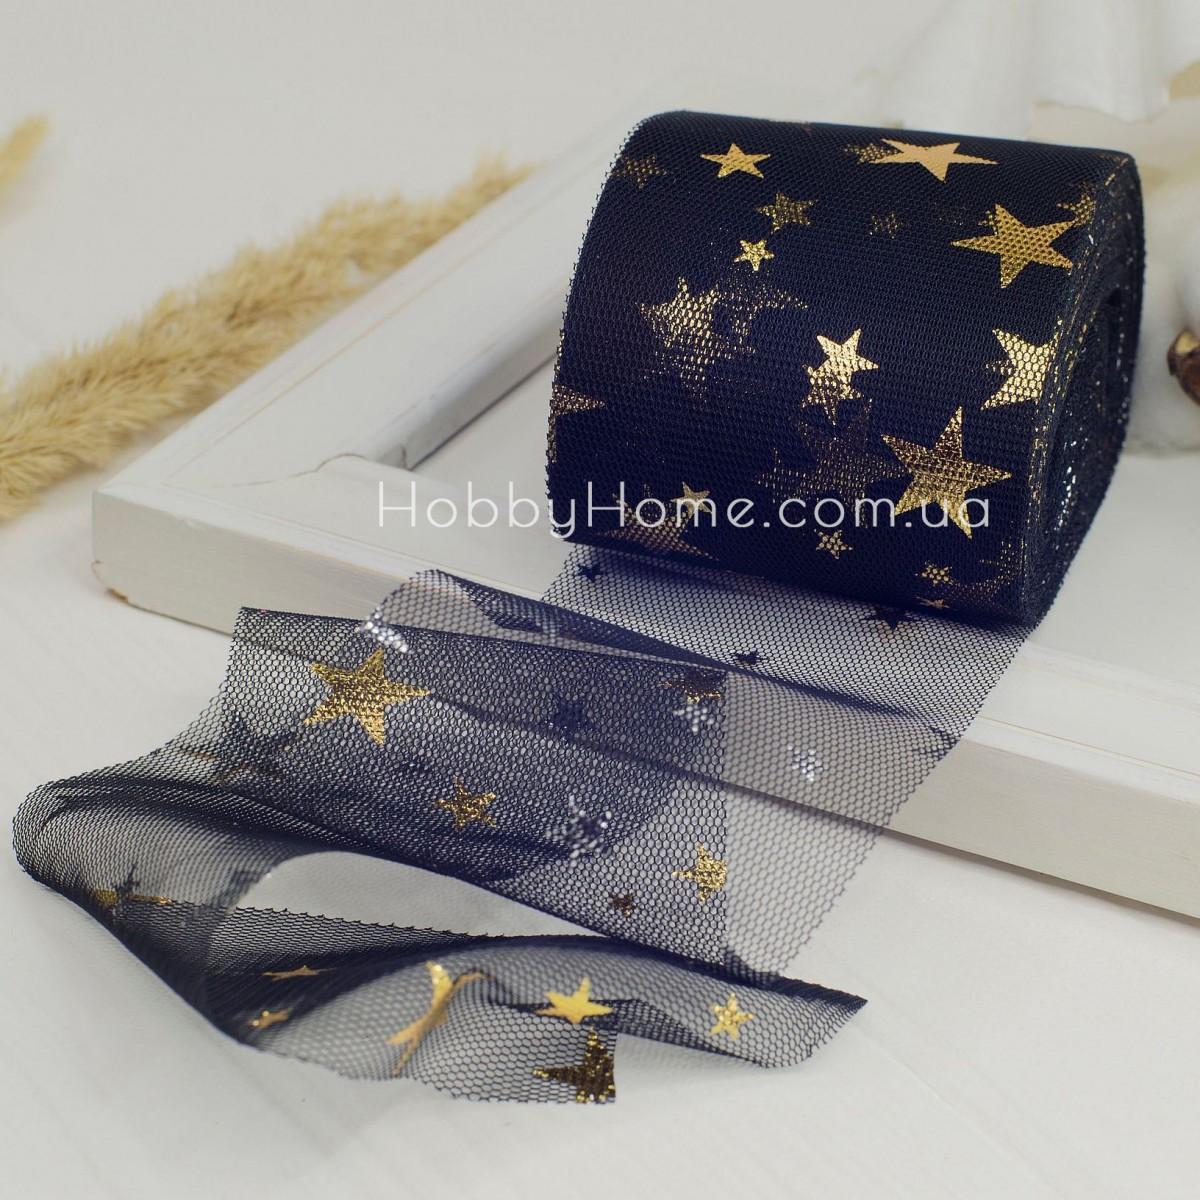 Фатин м'який з золотими зірками 6см , чорний